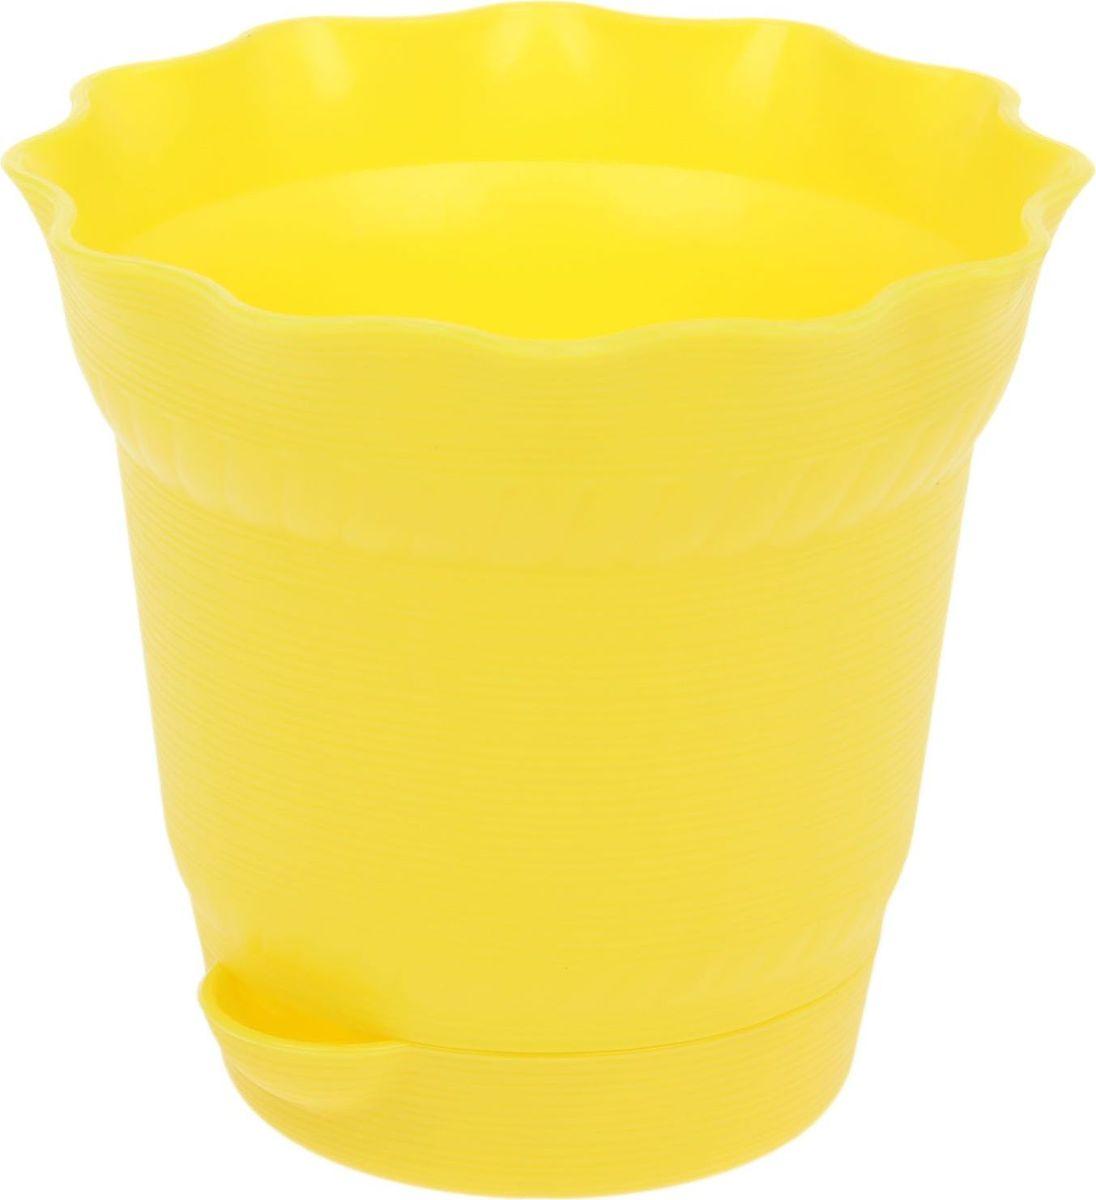 Горшок для цветов ТЕК.А.ТЕК Aquarelle, с поддоном, цвет: желтый, 1 л531-401Любой, даже самый современный и продуманный интерьер будет не завершённым без растений. Они не только очищают воздух и насыщают его кислородом, но и заметно украшают окружающее пространство. Такому полезному члену семьи просто необходимо красивое и функциональное кашпо, оригинальный горшок или необычная ваза! Мы предлагаем - Горшок для цветов 1 л с поддоном Aquarelle, d=14 см, цвет жёлтый! Оптимальный выбор материала пластмасса! Почему мы так считаем? Малый вес. С лёгкостью переносите горшки и кашпо с места на место, ставьте их на столики или полки, подвешивайте под потолок, не беспокоясь о нагрузке. Простота ухода. Пластиковые изделия не нуждаются в специальных условиях хранения. Их легко чистить достаточно просто сполоснуть тёплой водой. Никаких царапин. Пластиковые кашпо не царапают и не загрязняют поверхности, на которых стоят. Пластик дольше хранит влагу, а значит растение реже нуждается в поливе. Пластмасса не пропускает воздух корневой системе растения не грозят резкие перепады температур. Огромный выбор форм, декора и расцветок вы без труда подберёте что-то, что идеально впишется в уже существующий интерьер. Соблюдая нехитрые правила ухода, вы можете заметно продлить срок службы горшков, вазонов и кашпо из пластика: всегда учитывайте размер кроны и корневой системы растения (при разрастании большое растение способно повредить маленький горшок)берегите изделие от воздействия прямых солнечных лучей, чтобы кашпо и горшки не выцветалидержите кашпо и горшки из пластика подальше от нагревающихся поверхностей. Создавайте прекрасные цветочные композиции, выращивайте рассаду или необычные растения, а низкие цены позволят вам не ограничивать себя в выборе.